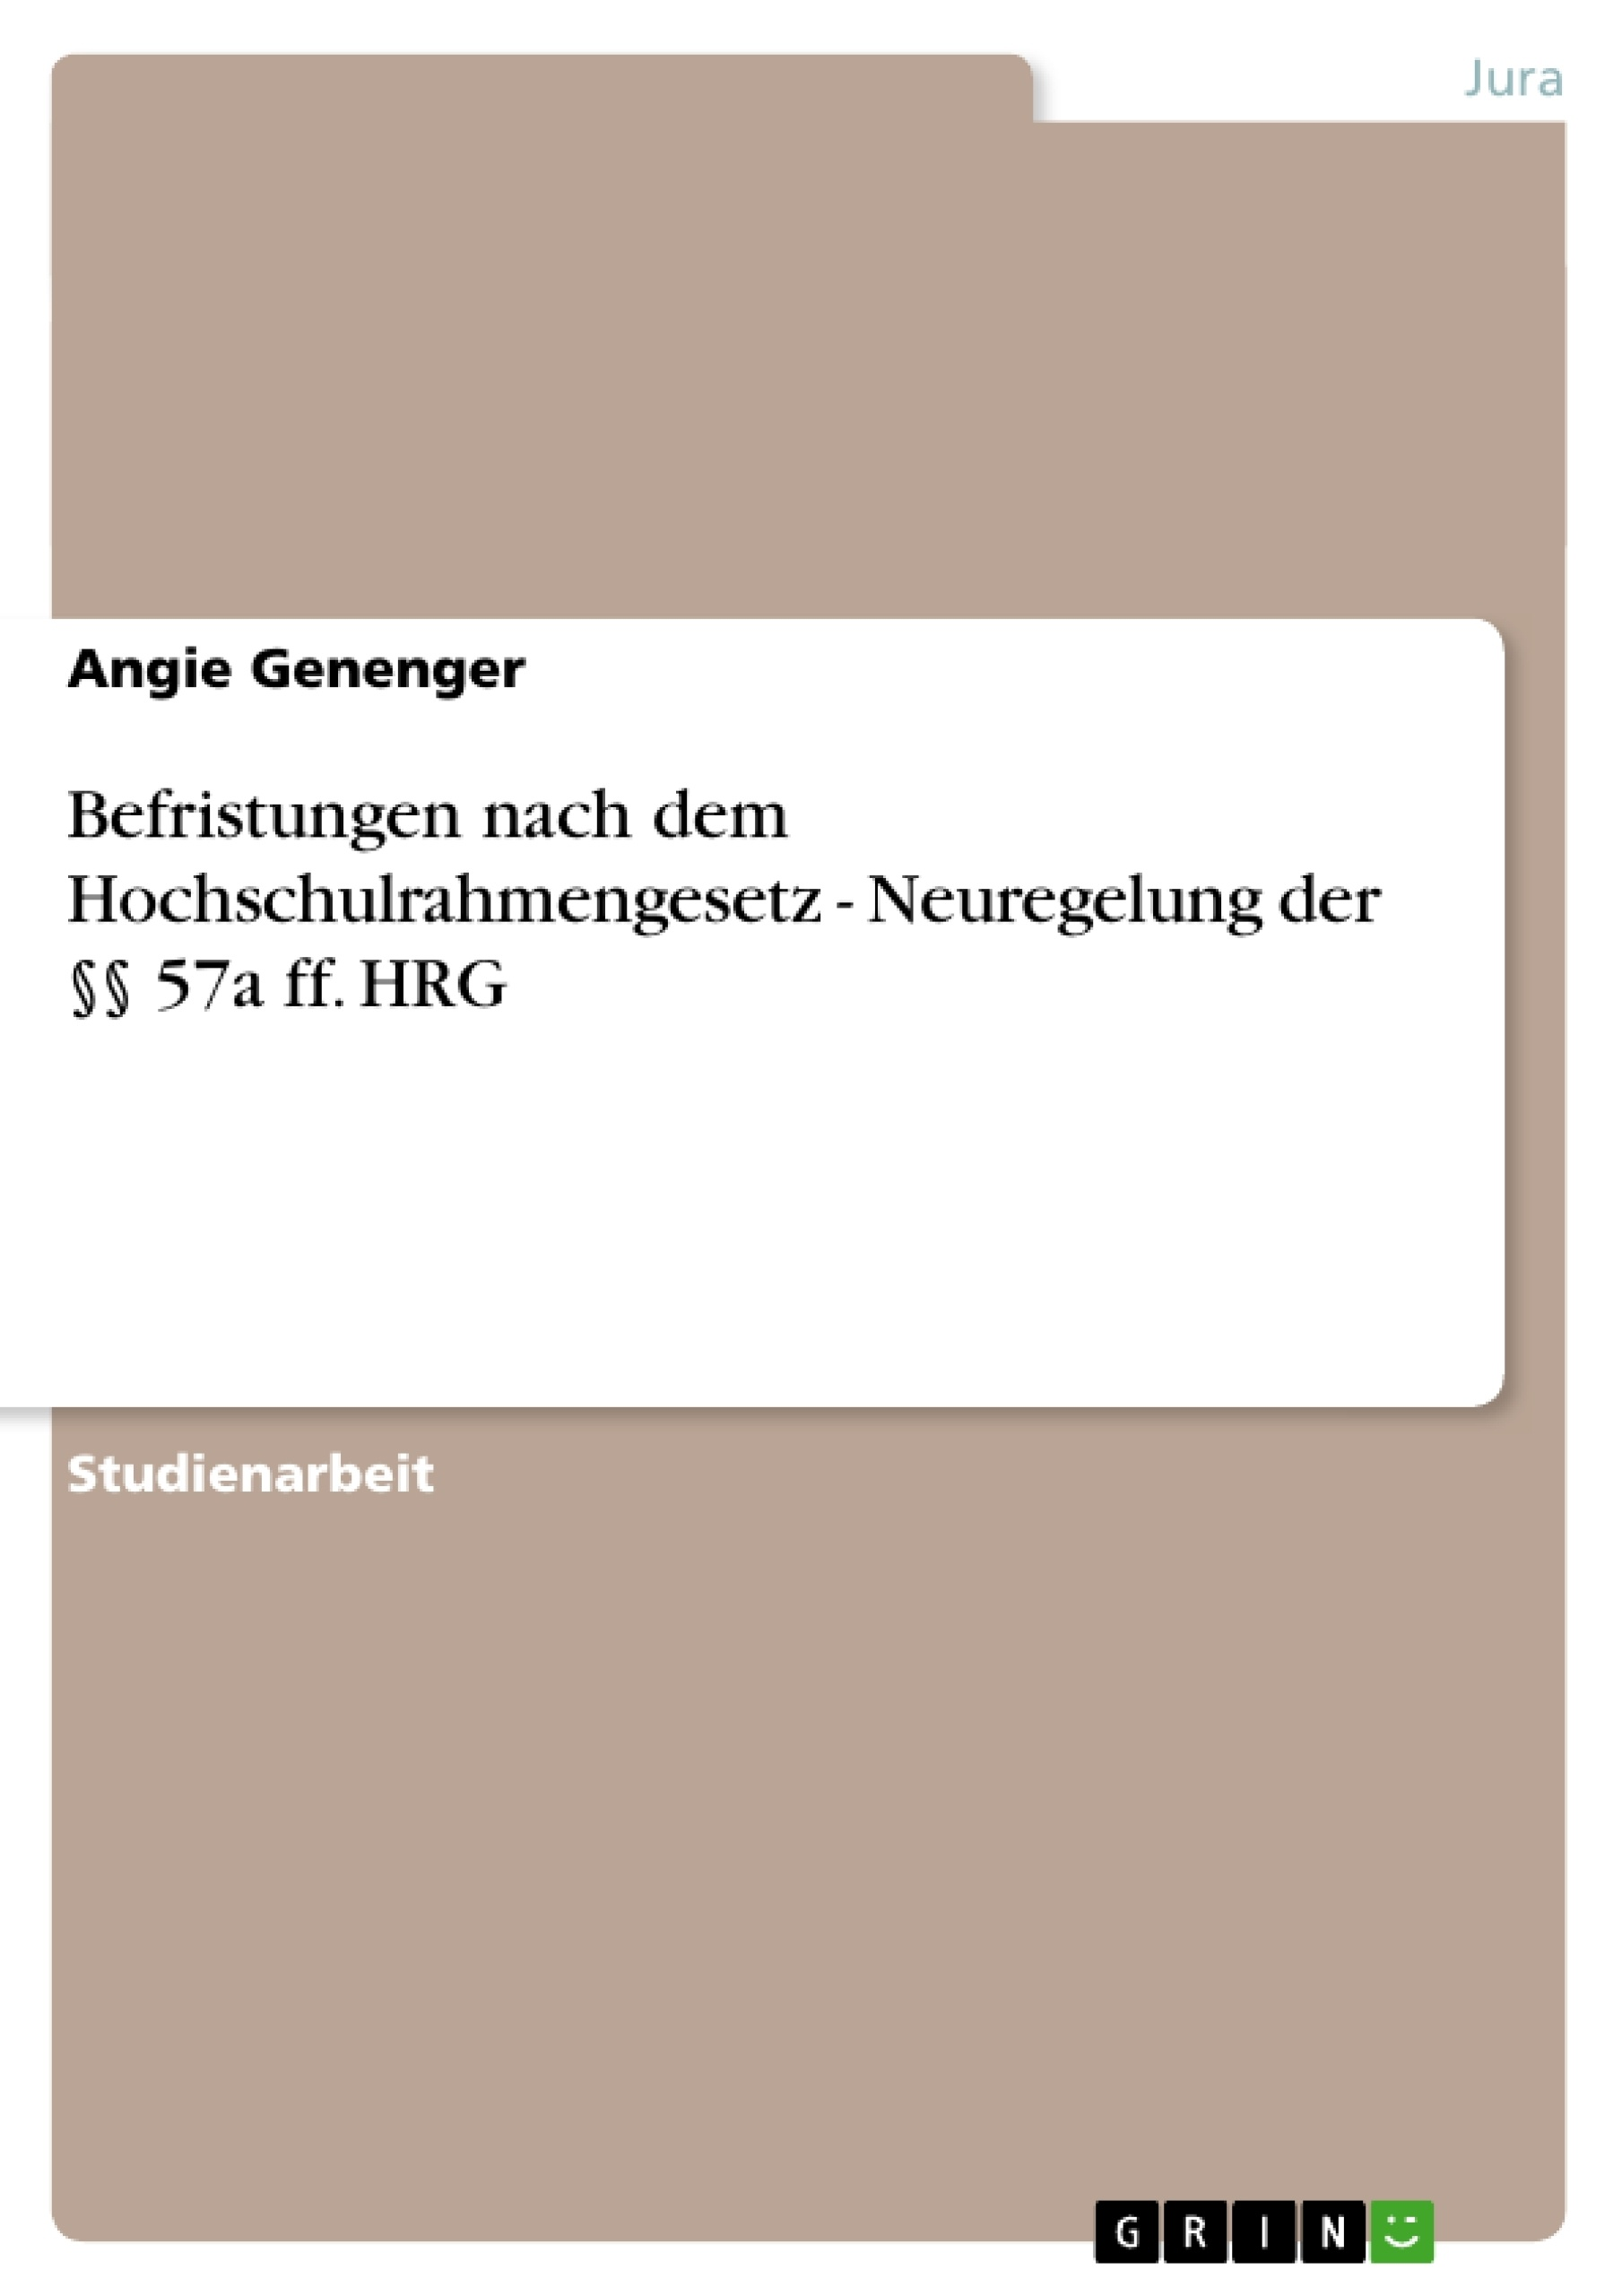 Titel: Befristungen nach dem Hochschulrahmengesetz - Neuregelung der §§ 57a ff. HRG